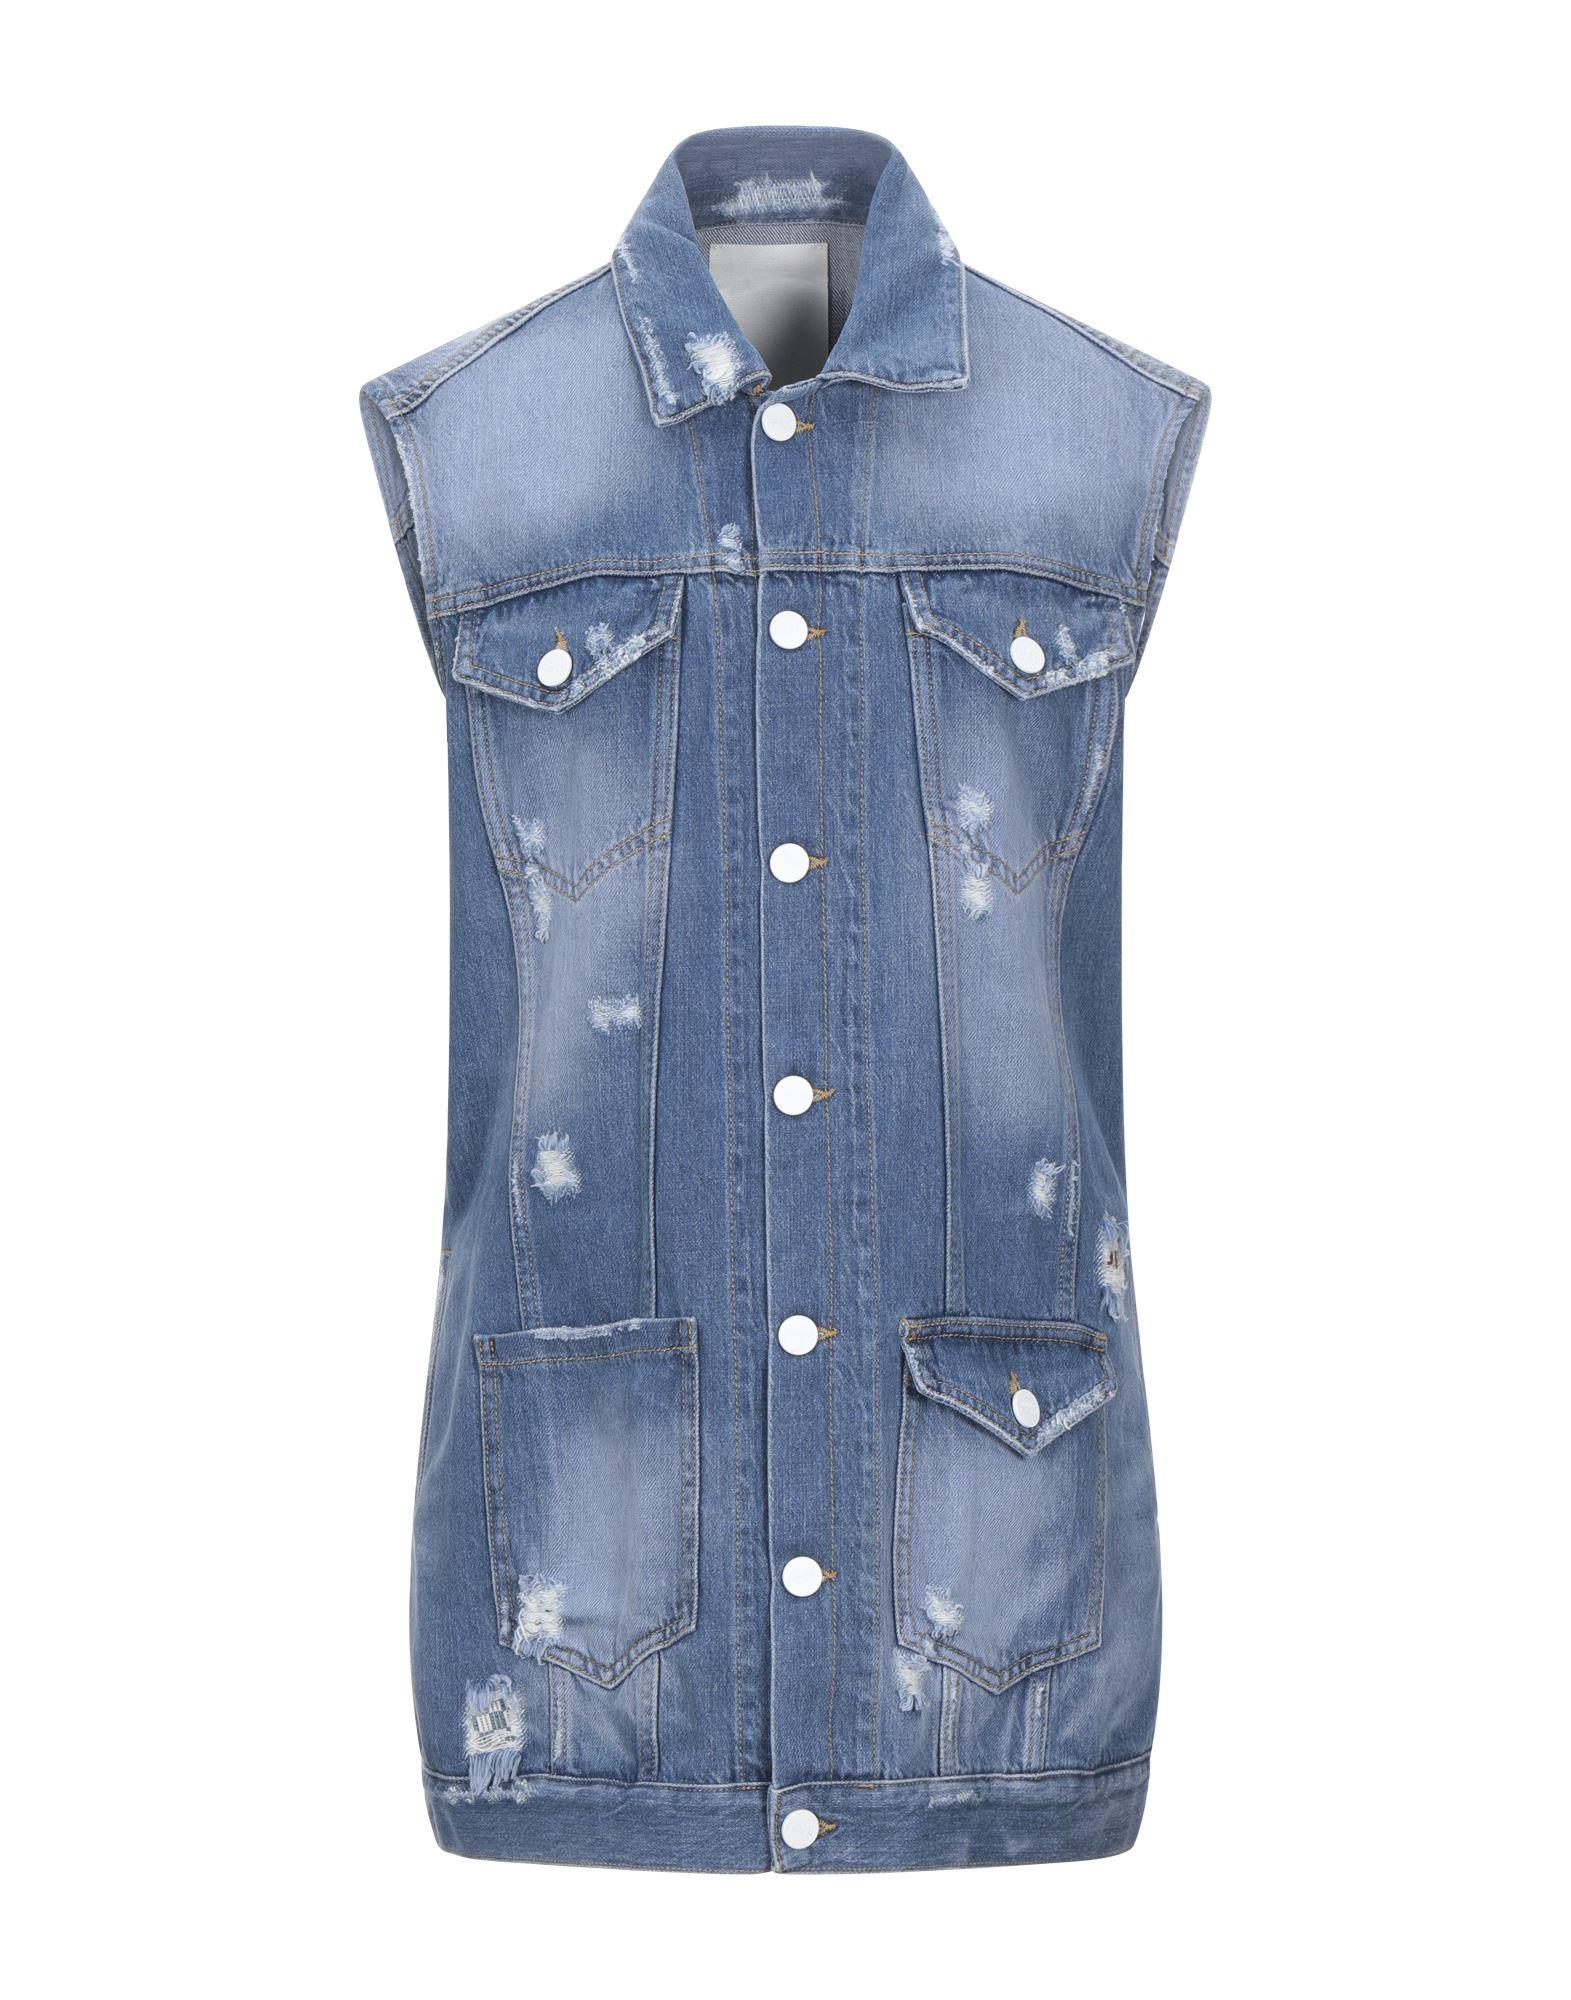 Фото - P_JEAN Джинсовая верхняя одежда p_jean джинсовая юбка